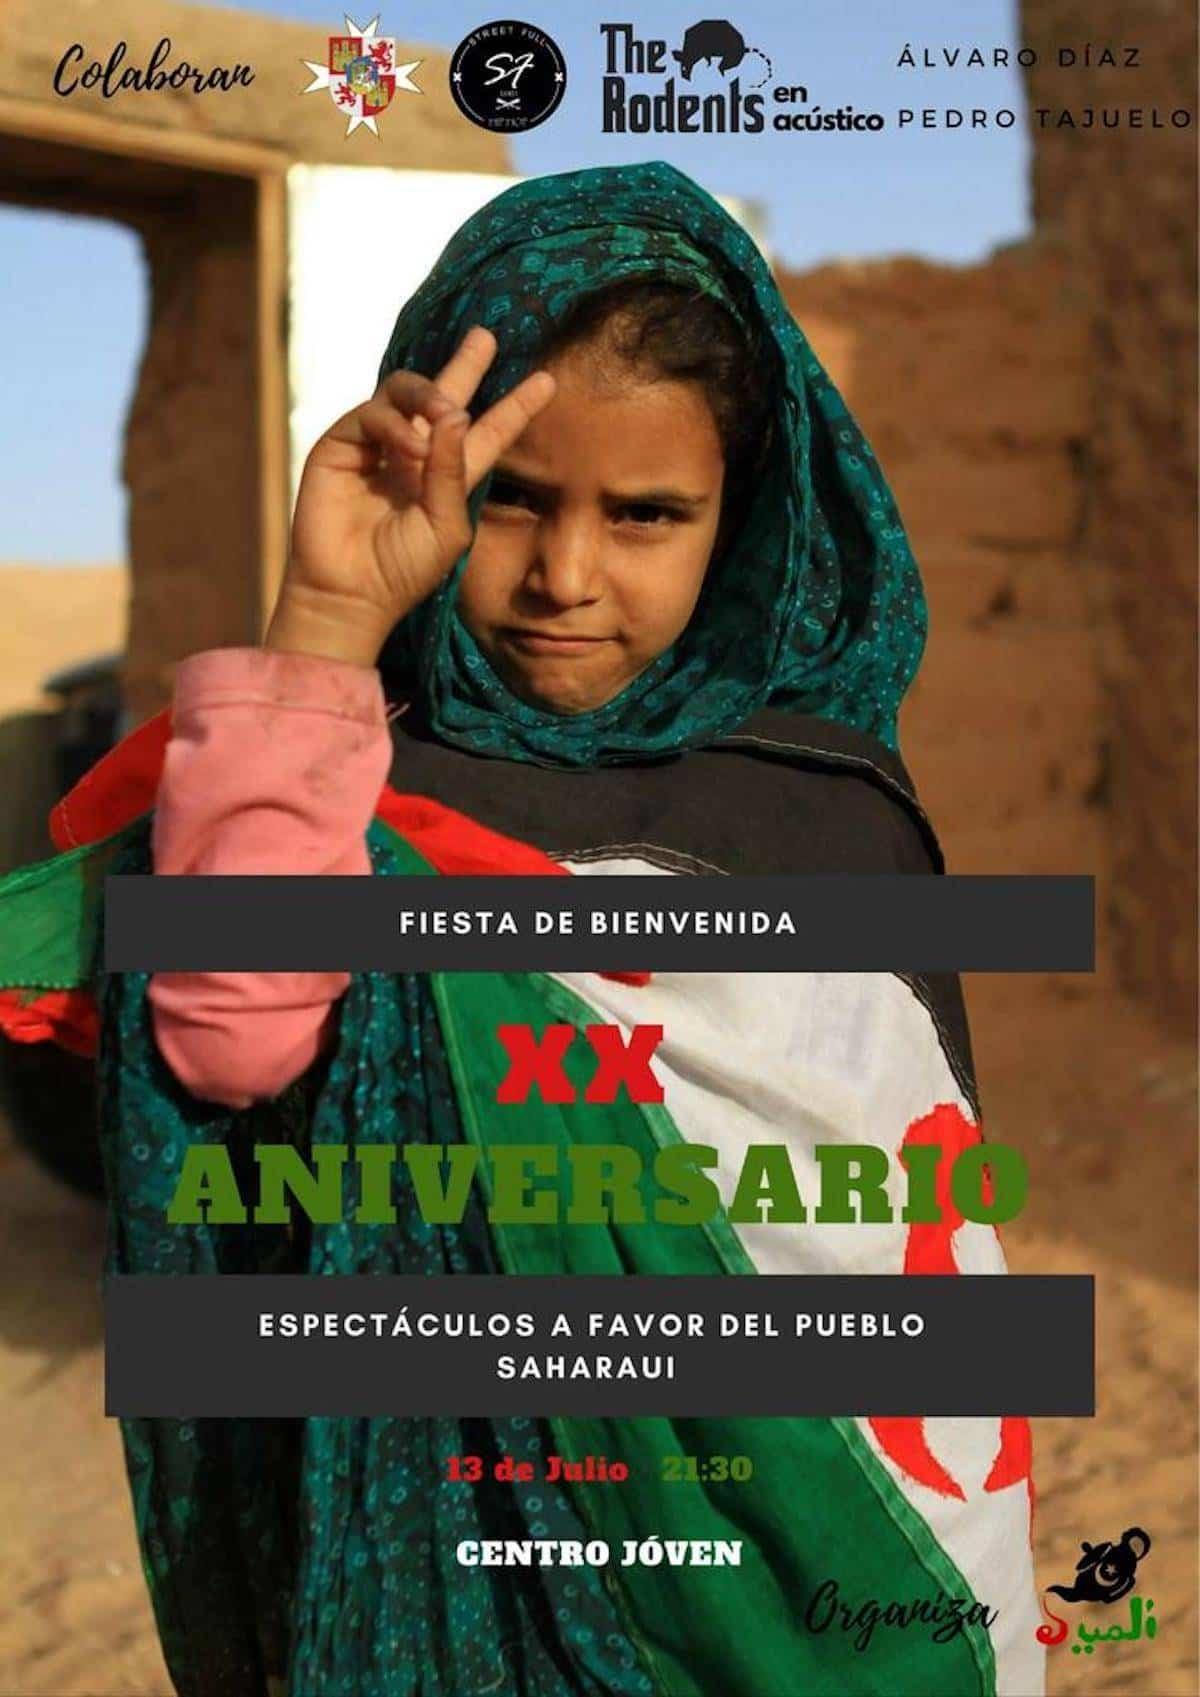 Fiesta de bienvenida XX Aniversario a favor del Pueblo Saharaui - Fiesta de bienvenida XX Aniversario a favor del Pueblo Saharaui